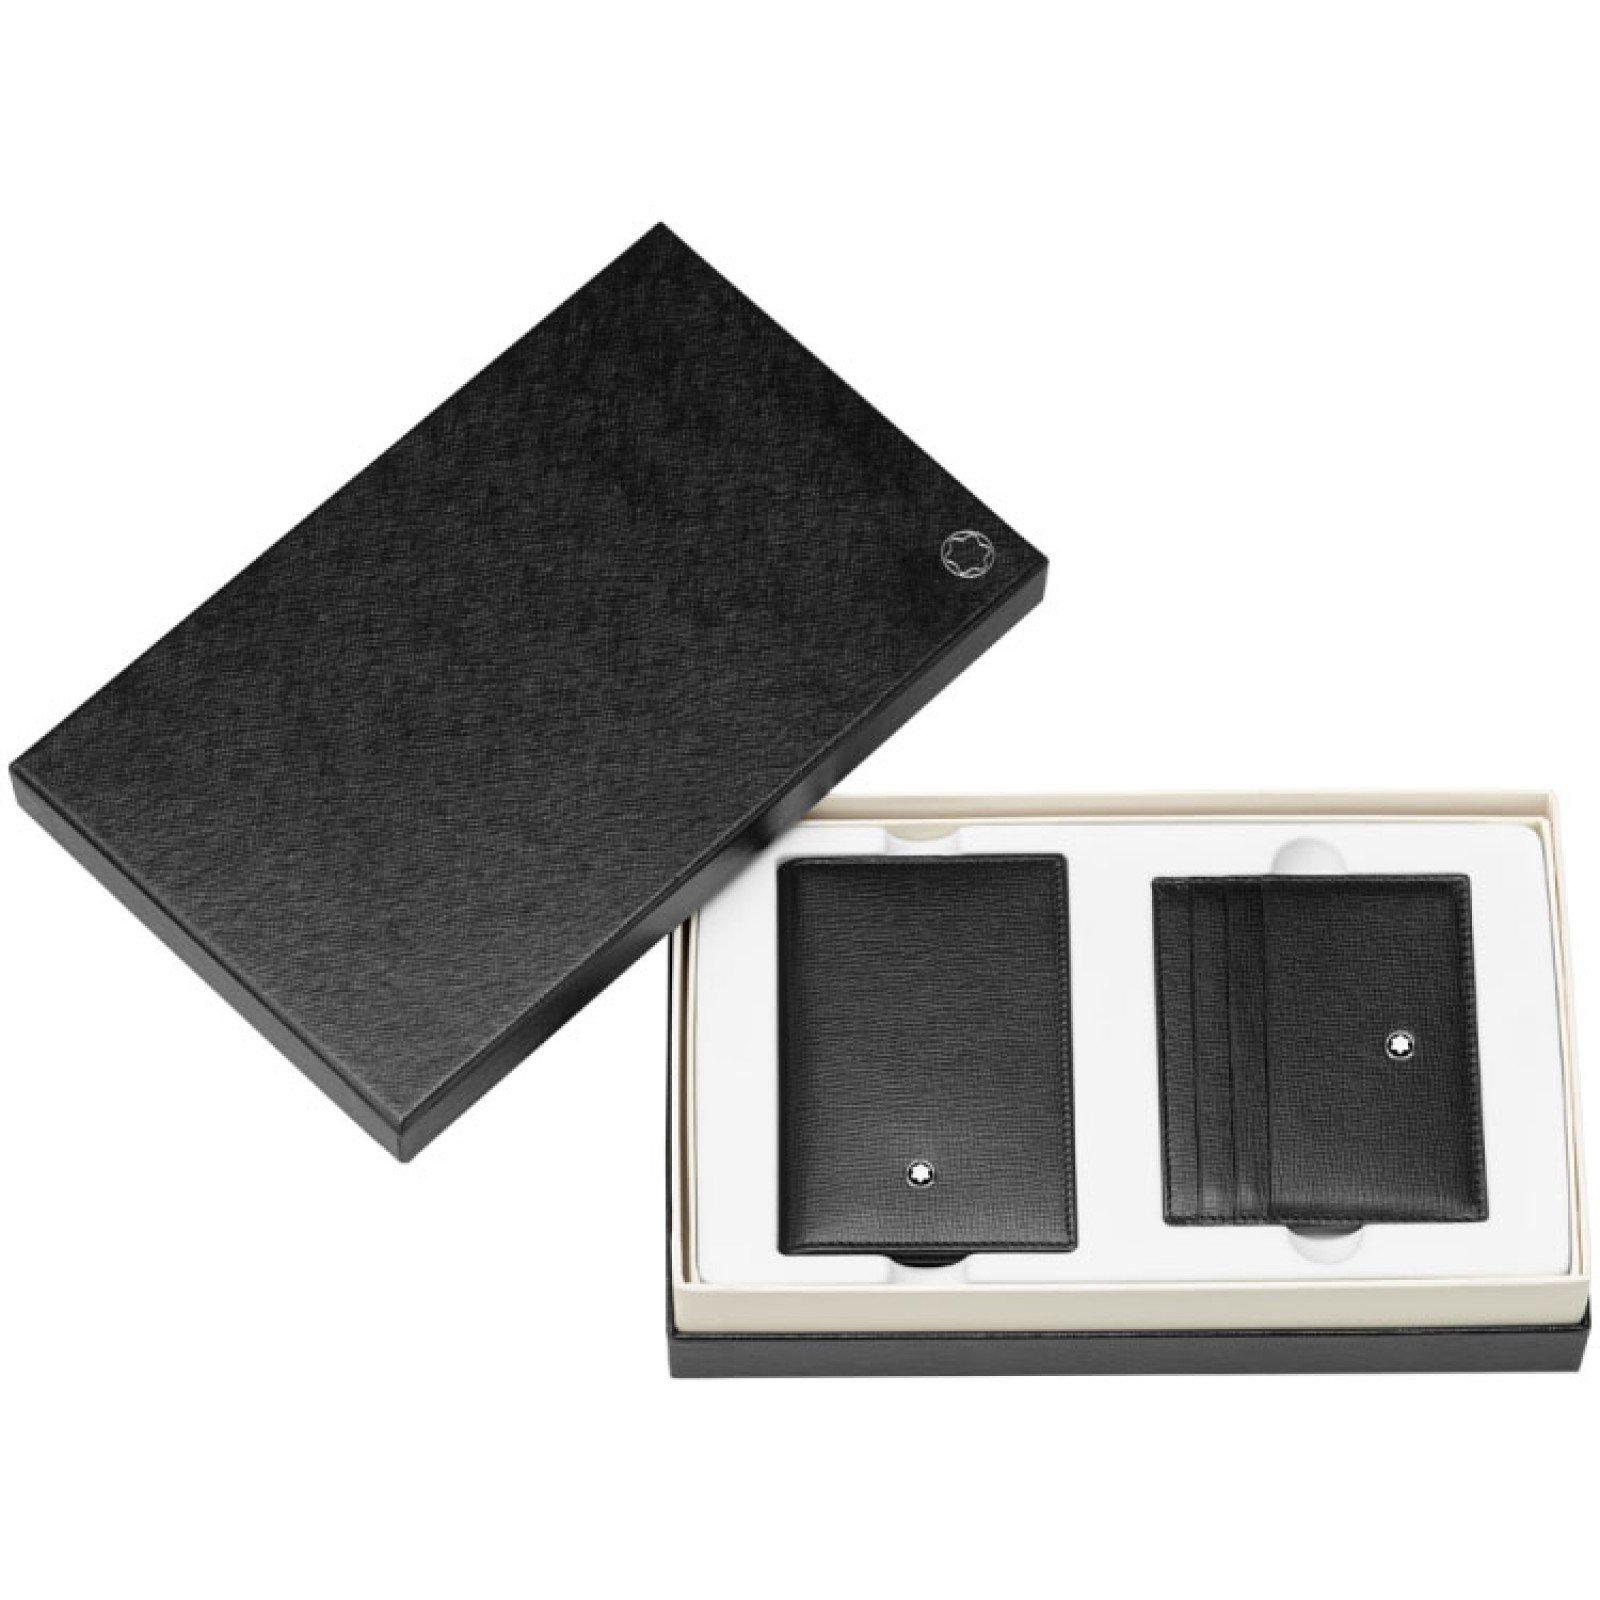 Montblanc business card holder and Pocket Holder Black Leather Gift Set 116852